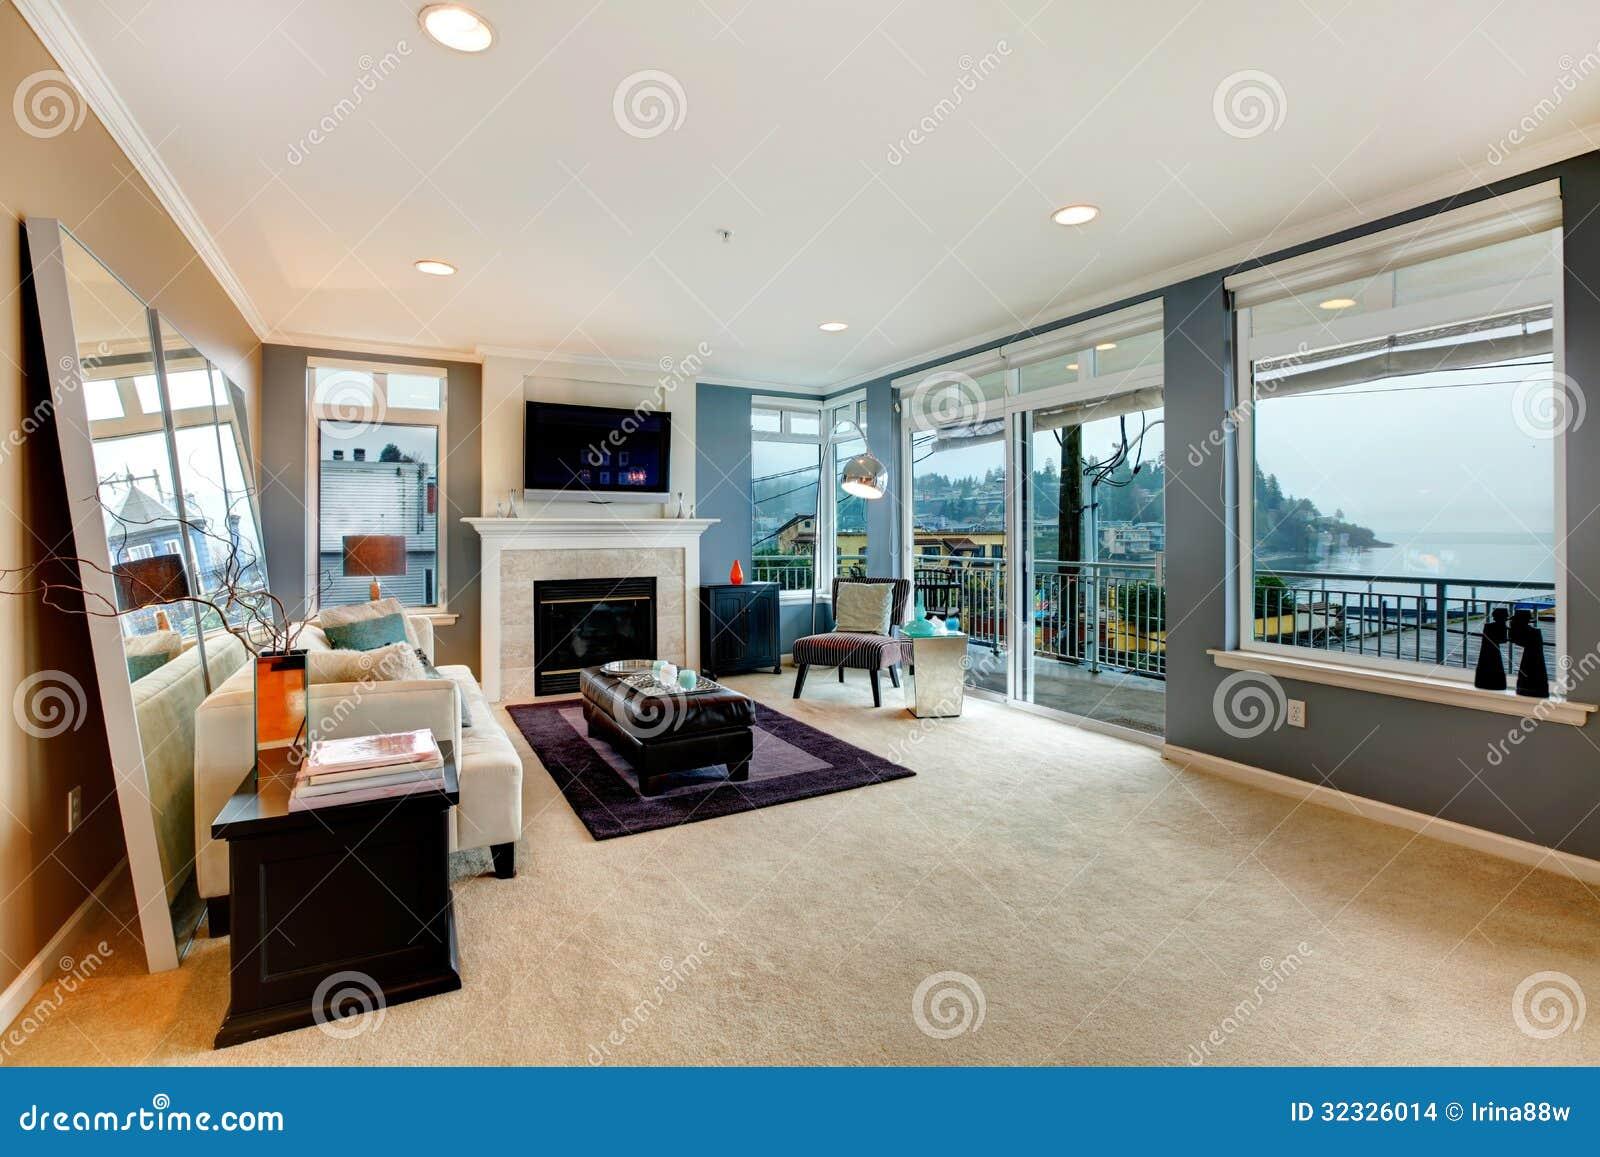 sala de estar abierta grande de la ensenada con la chimenea la tv y muebles modernos imagenes. Black Bedroom Furniture Sets. Home Design Ideas